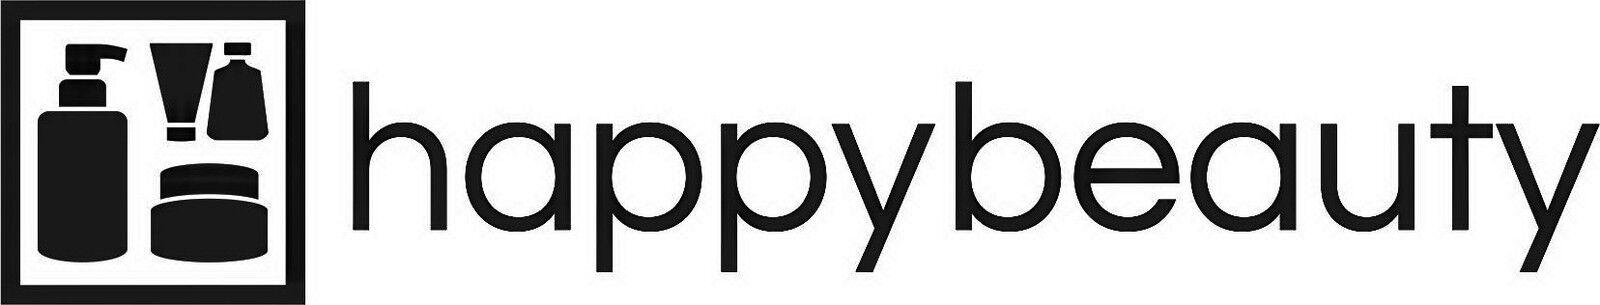 Happybeauty.com.au